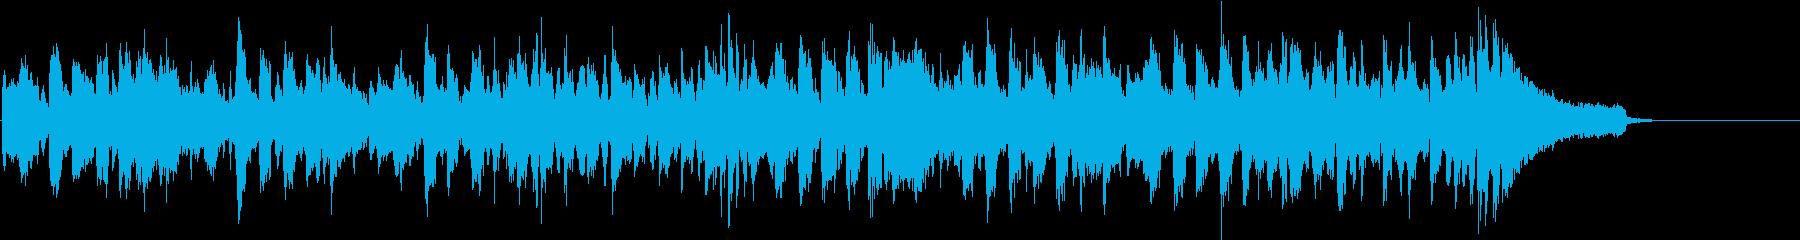 クールでダンサブルなBGM スキャットの再生済みの波形